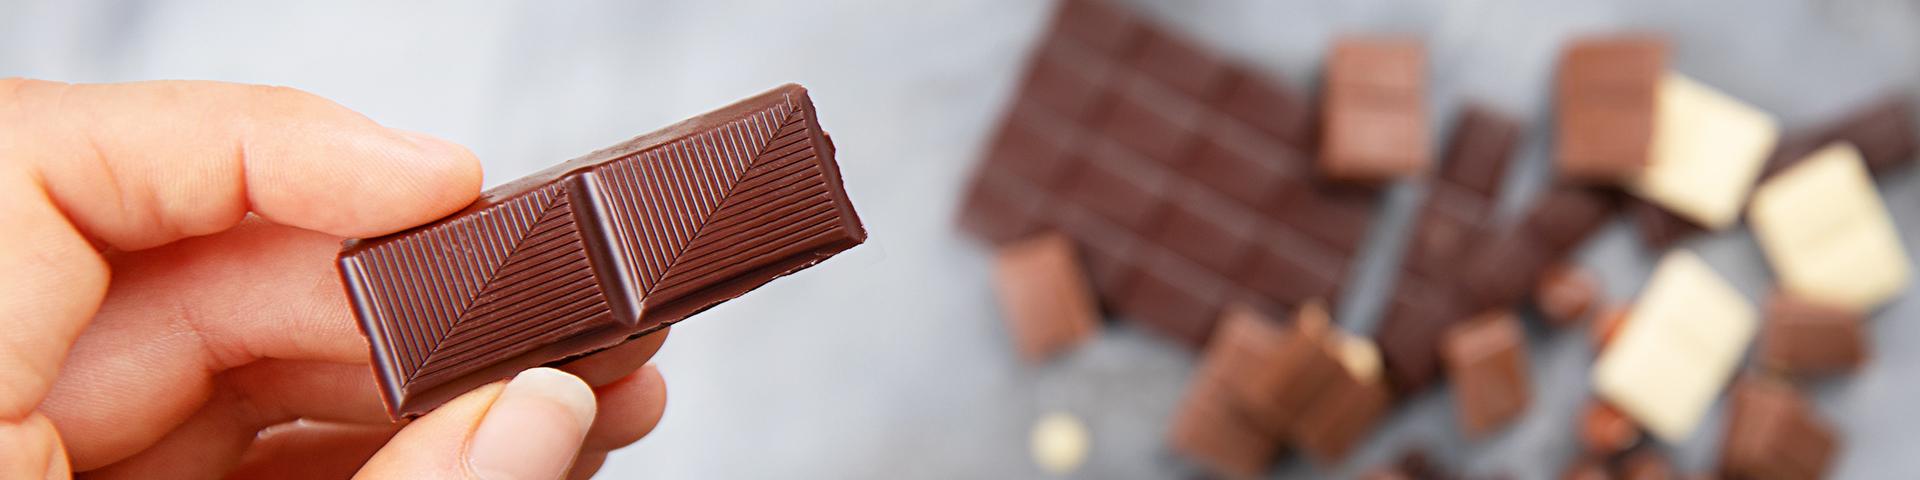 SHOP: Xucker Schokolade